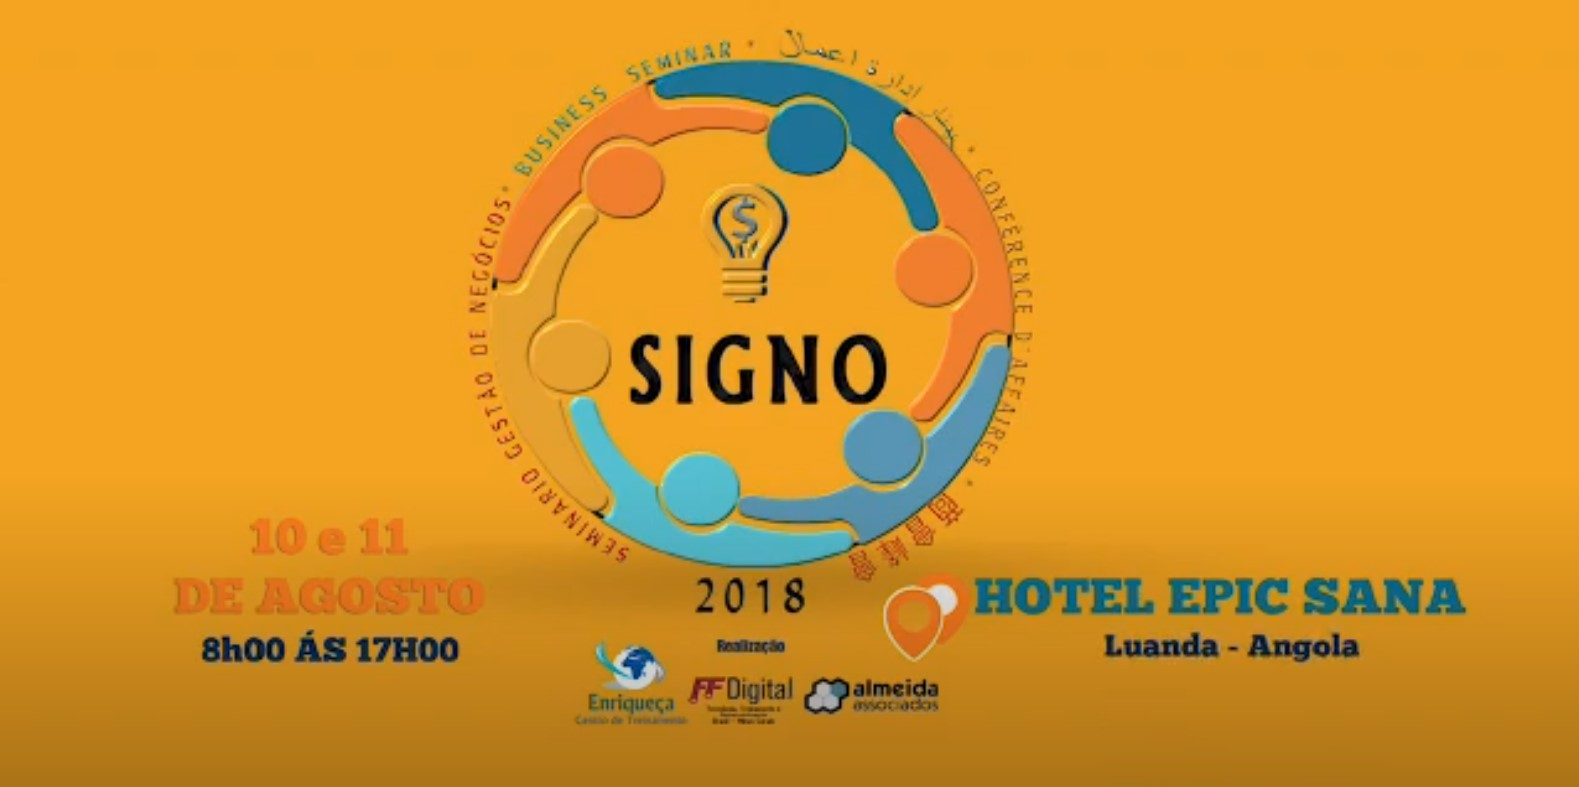 Seminário Internacional em Angola